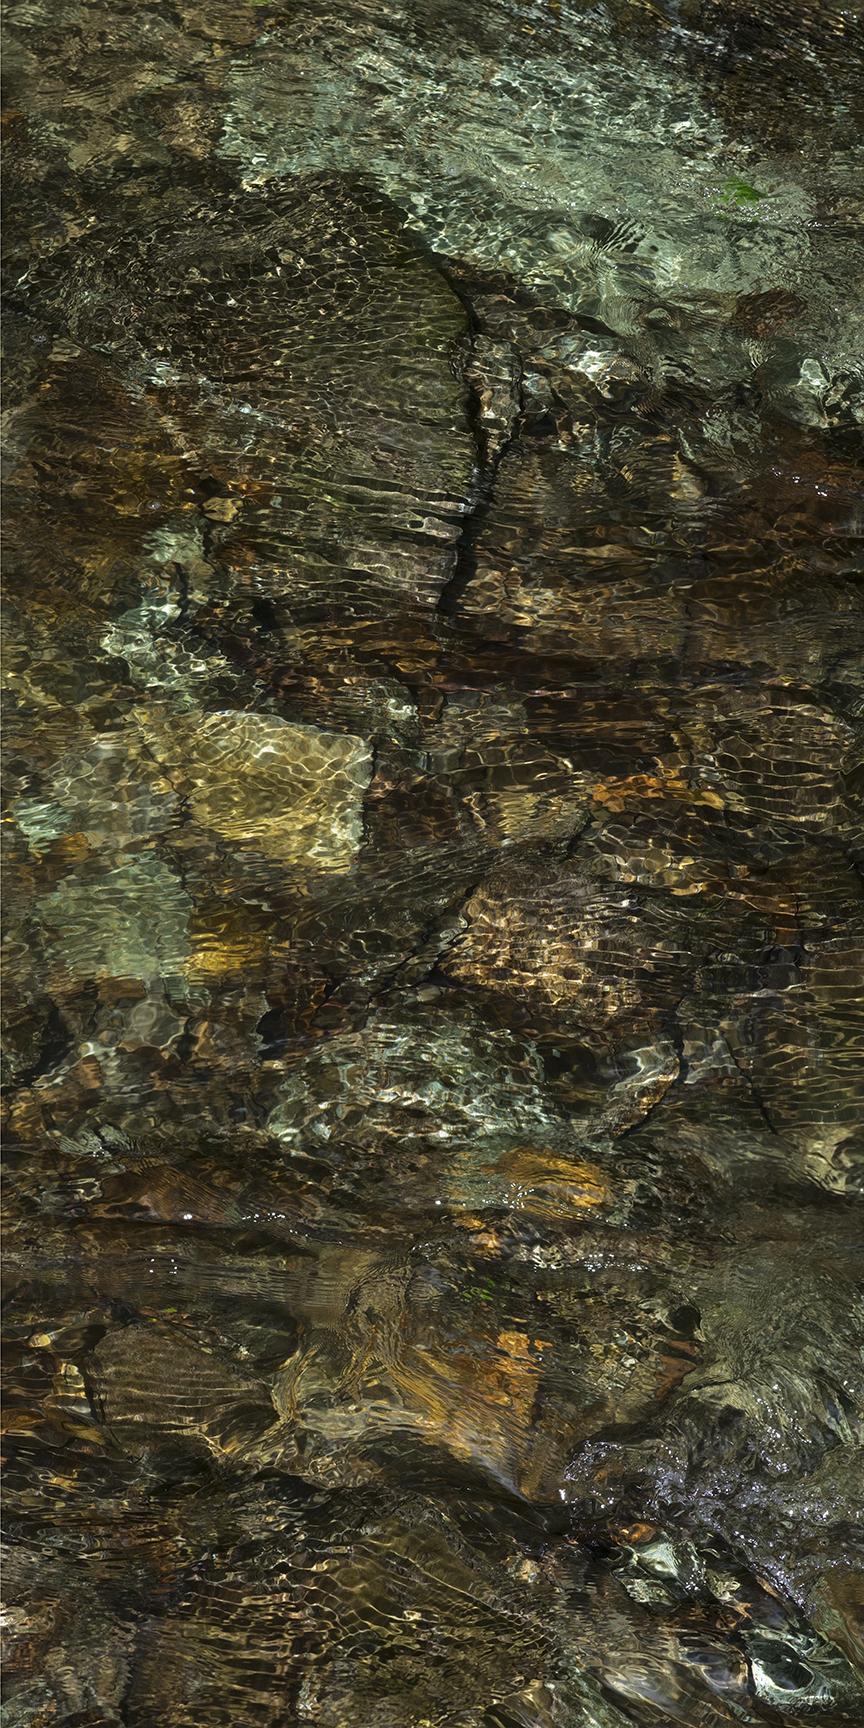 TUR - 2 - Big Flat Rock - 1 +.jpg